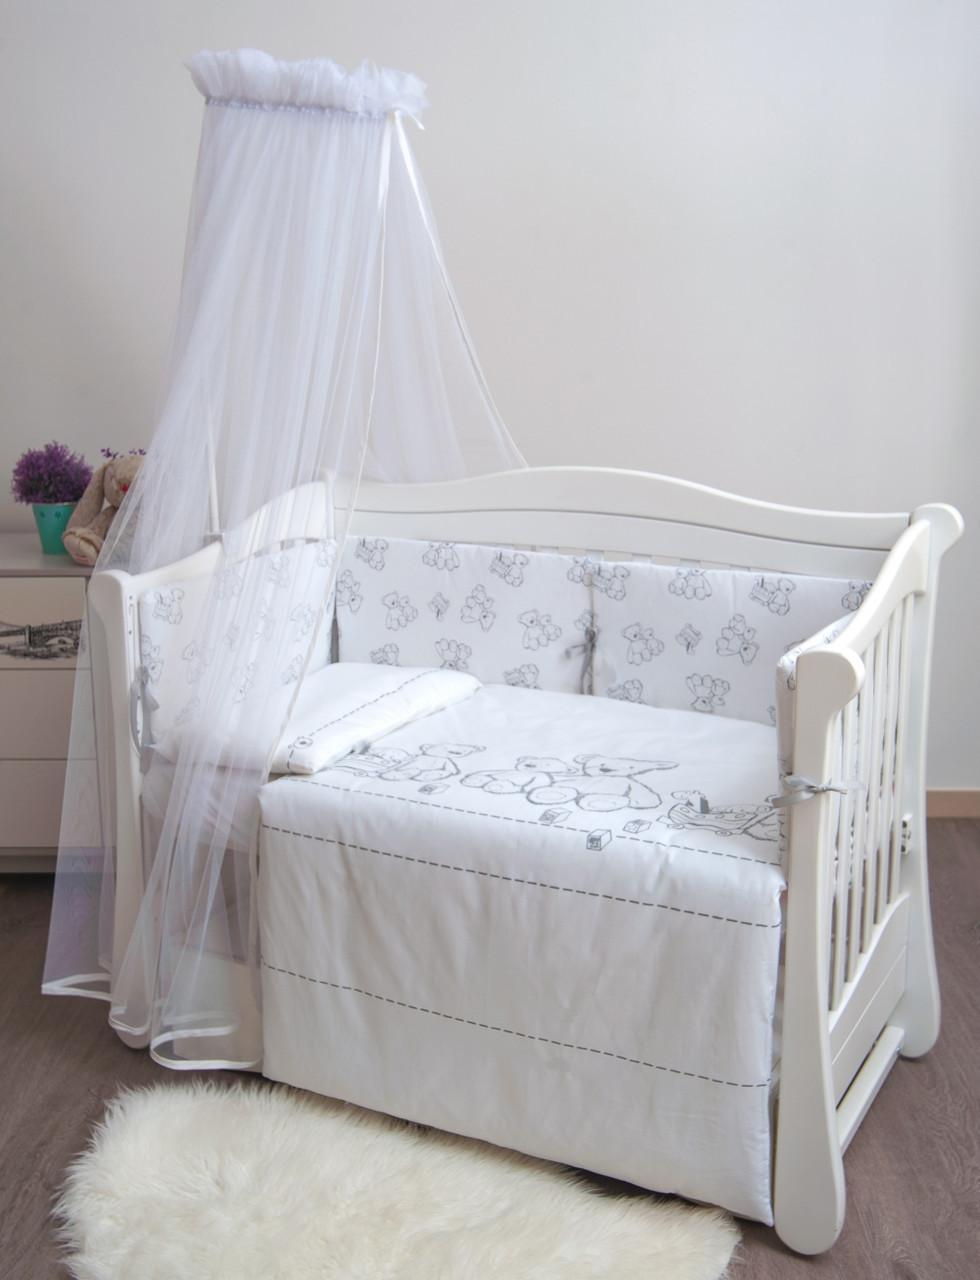 Детская постель Twins Eco Line New 6 элементов E-025 Teddy бело-серый (Постіль E-025)